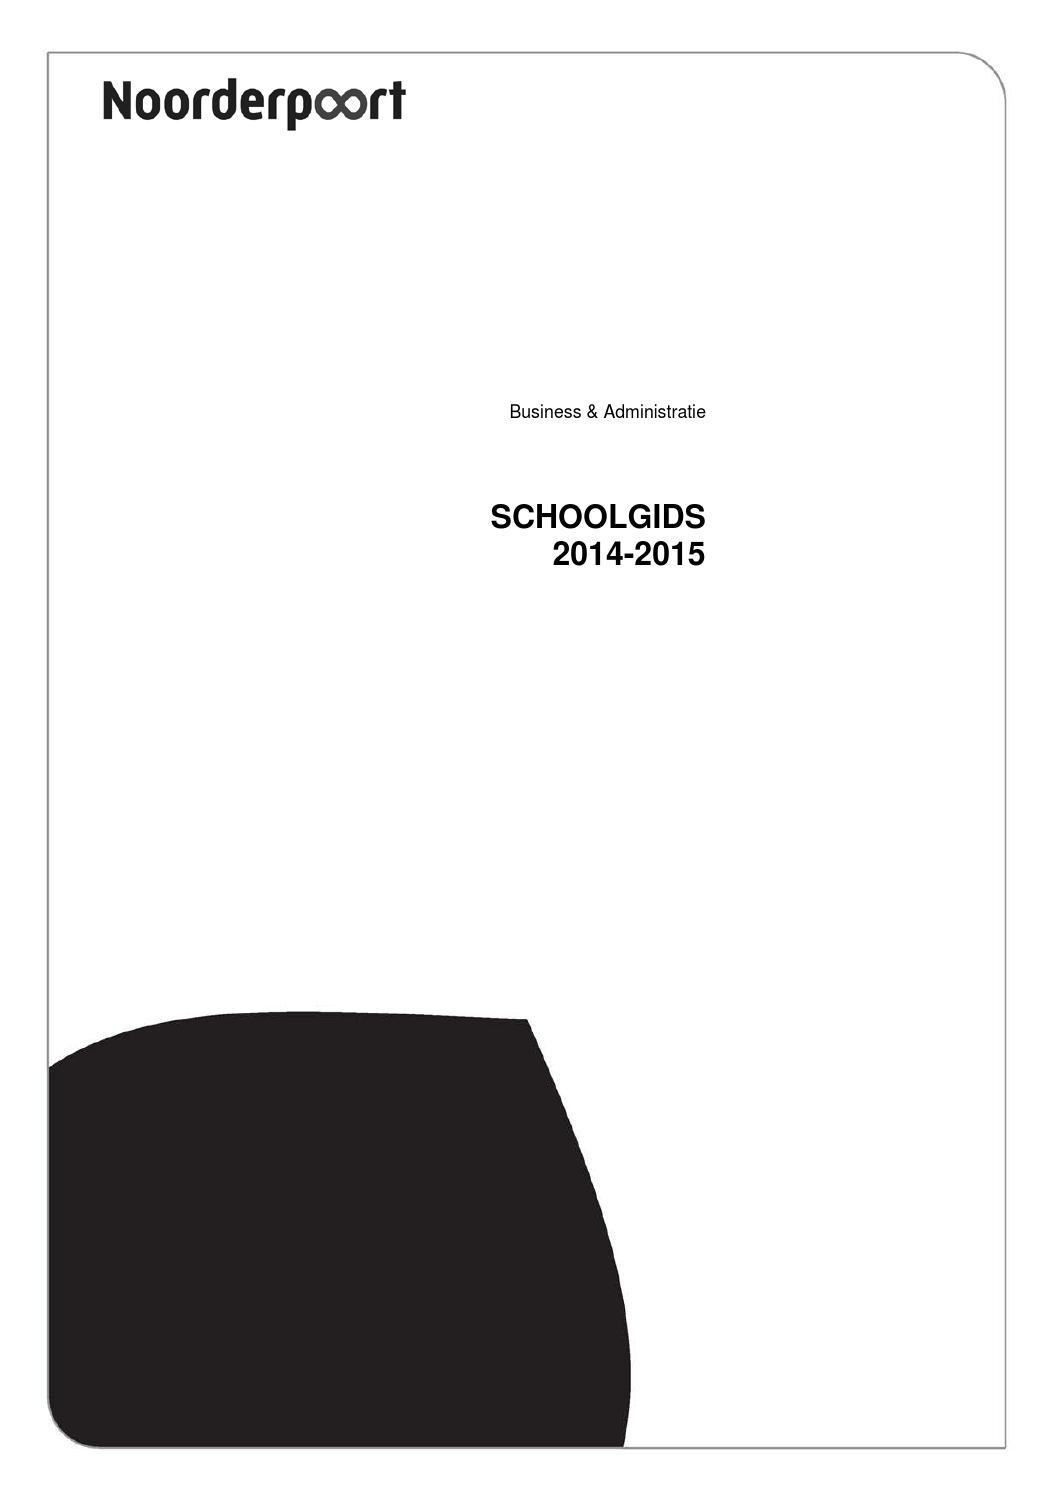 Schoolgids business & administratie 2014-2015 by